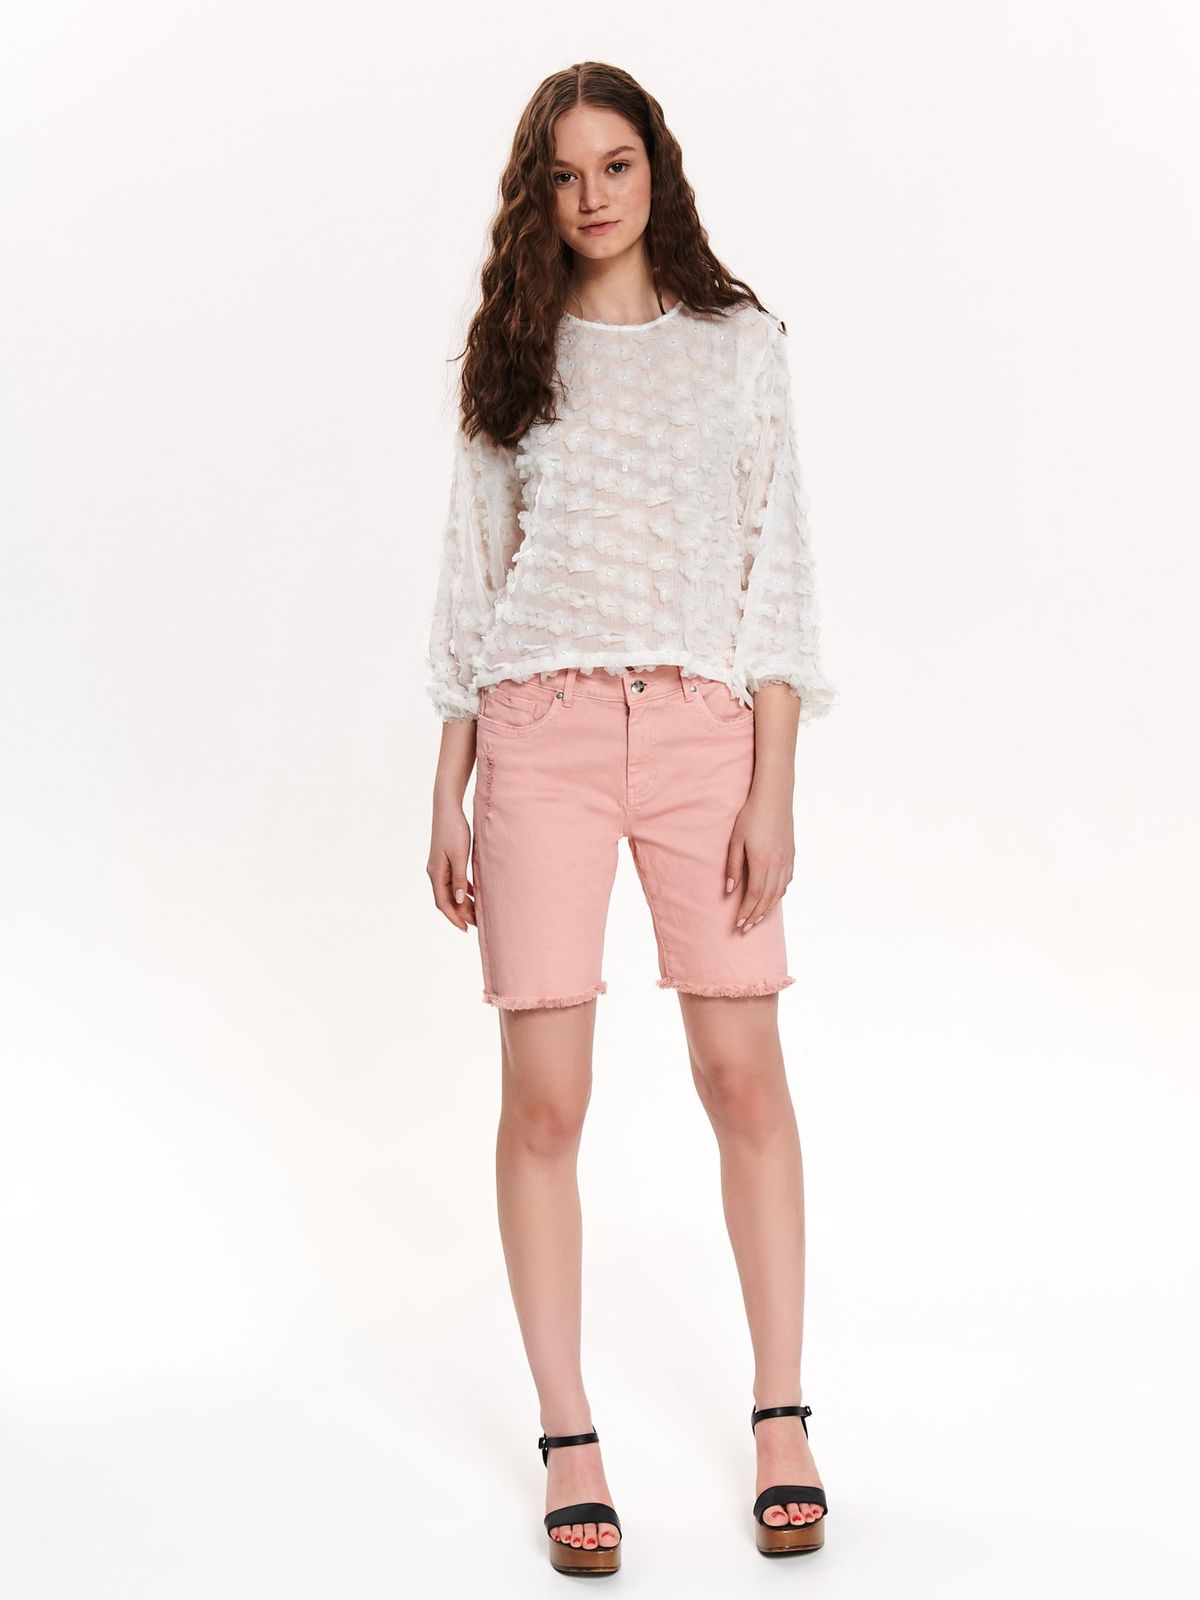 Pink casual rövidnadrág kisebb szakadásokkal az anyagban